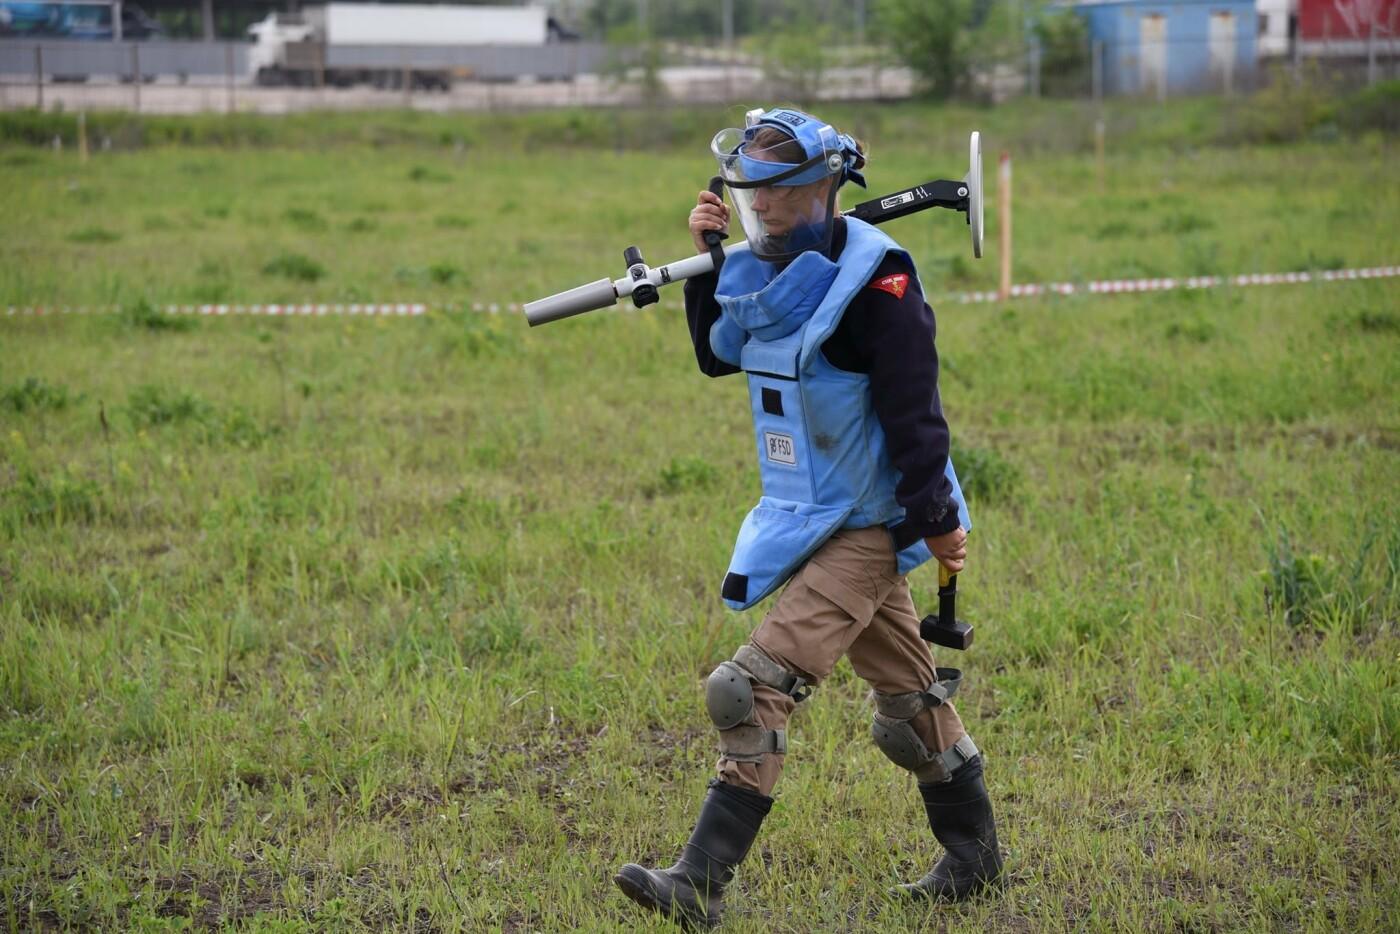 У Кам'янці сертифікували організацію, що займається протимінною діяльністю, фото-7, Фото: пресслужба Військової частини А2641